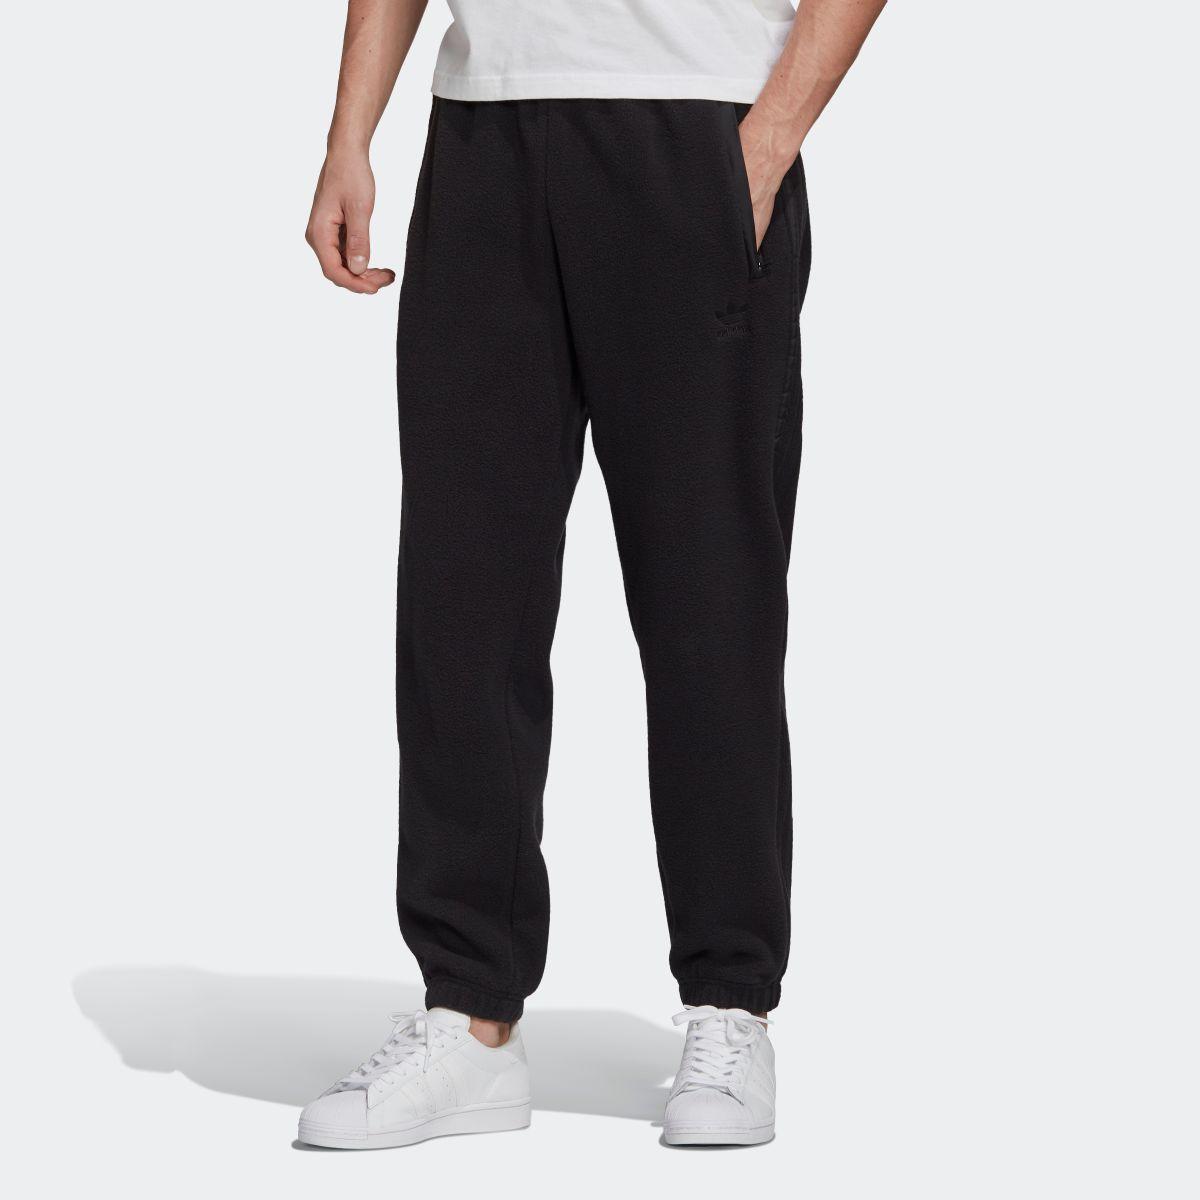 【公式】アディダス adidas ポーラーフリースパンツ / Polar Fleece Pants メンズ オリジナルス ウェア ボトムス パンツ,スウェット GD0004